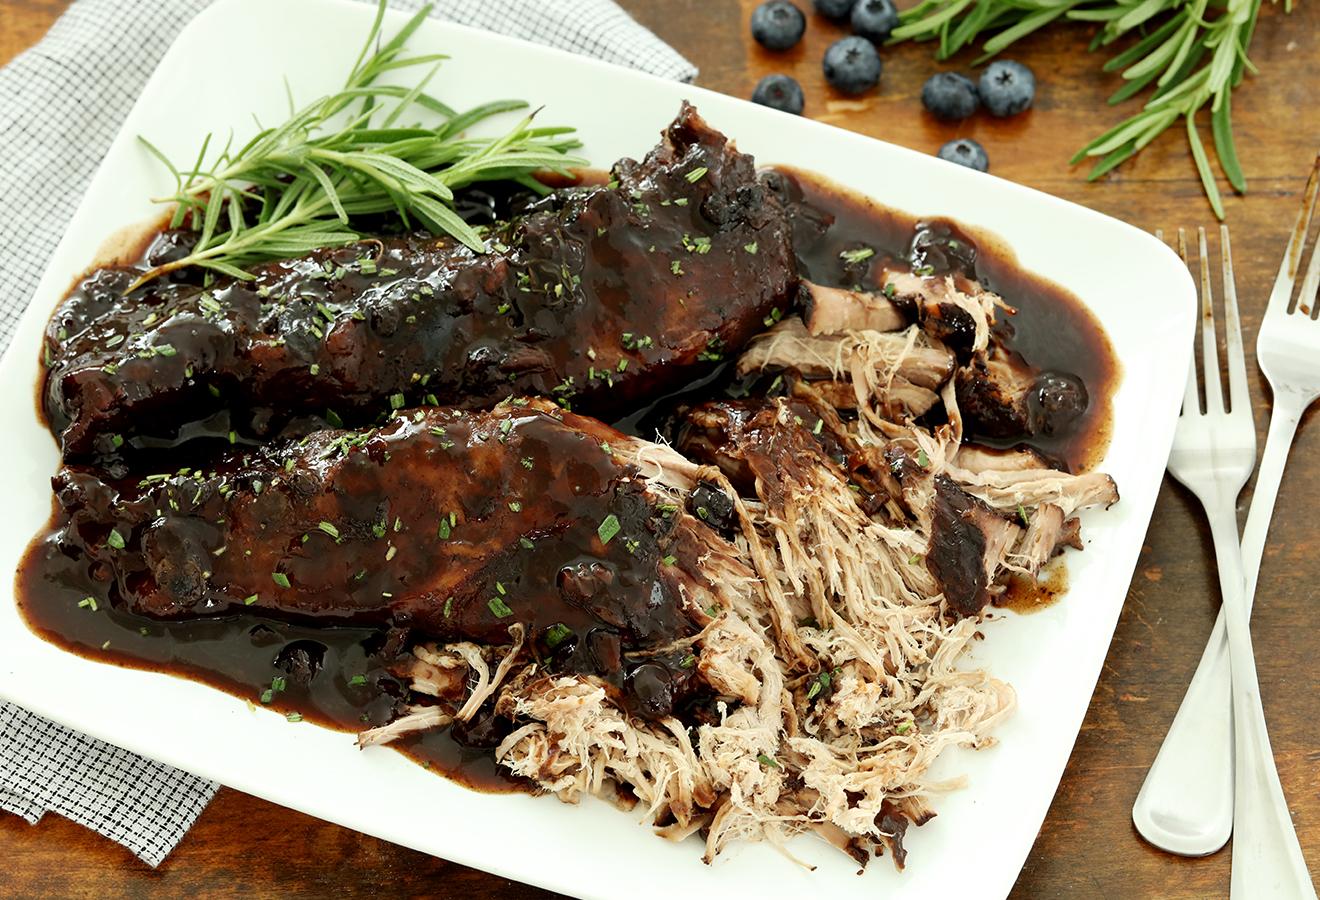 Slow Cooker Blueberry Balsamic Pork Tenderloin